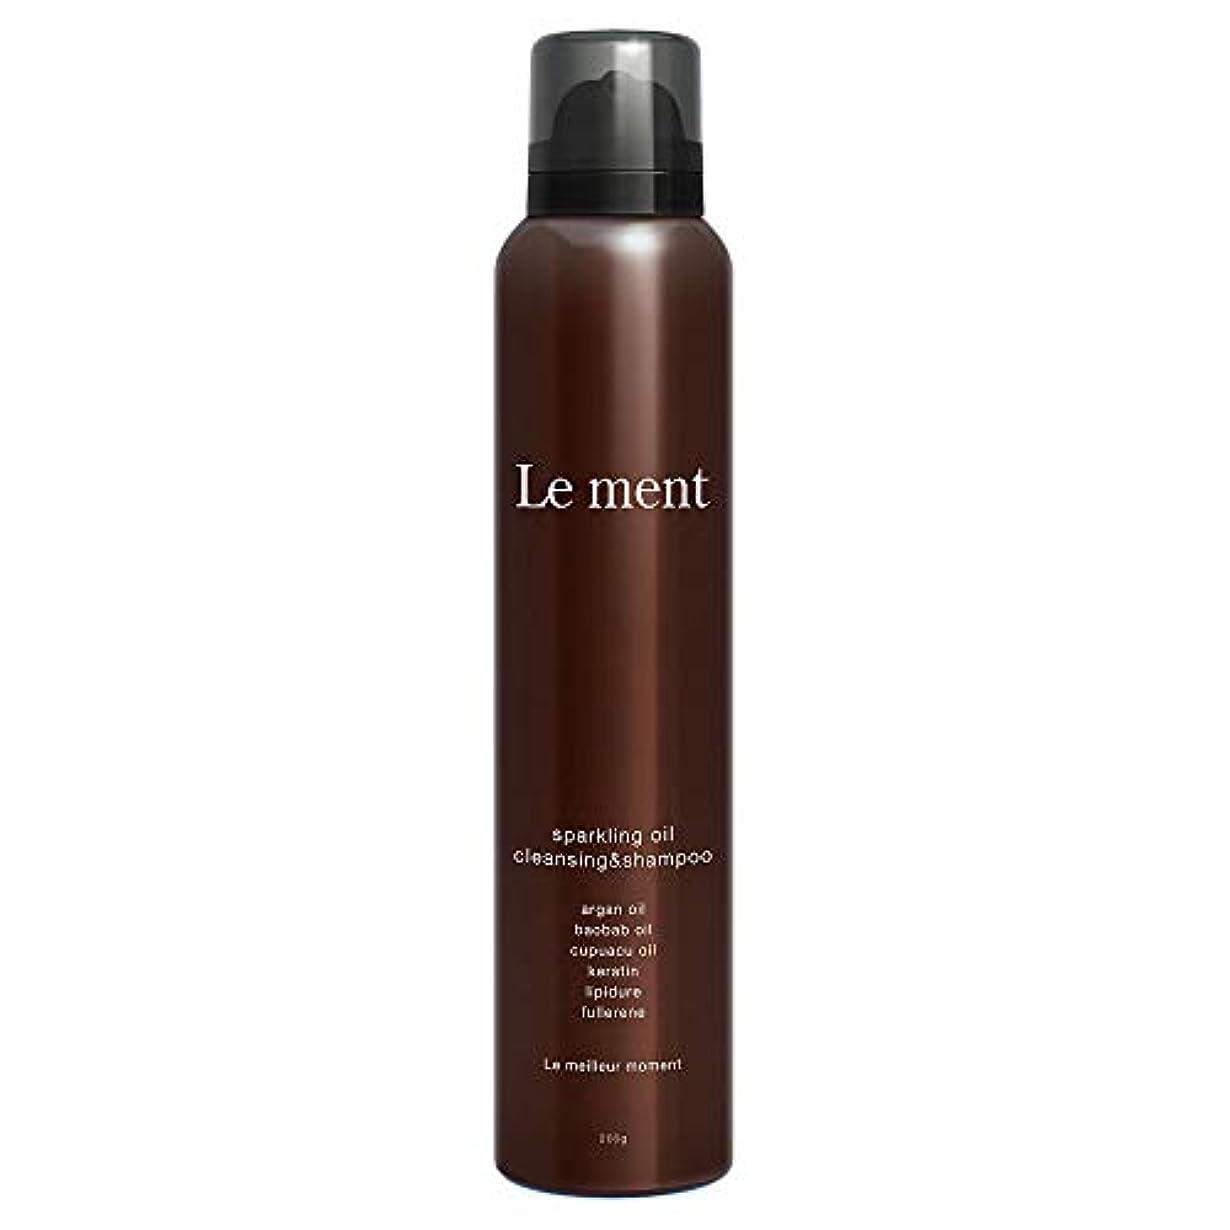 四コーヒー思い出させるLe ment -sparkling oil cleansing & shampoo -